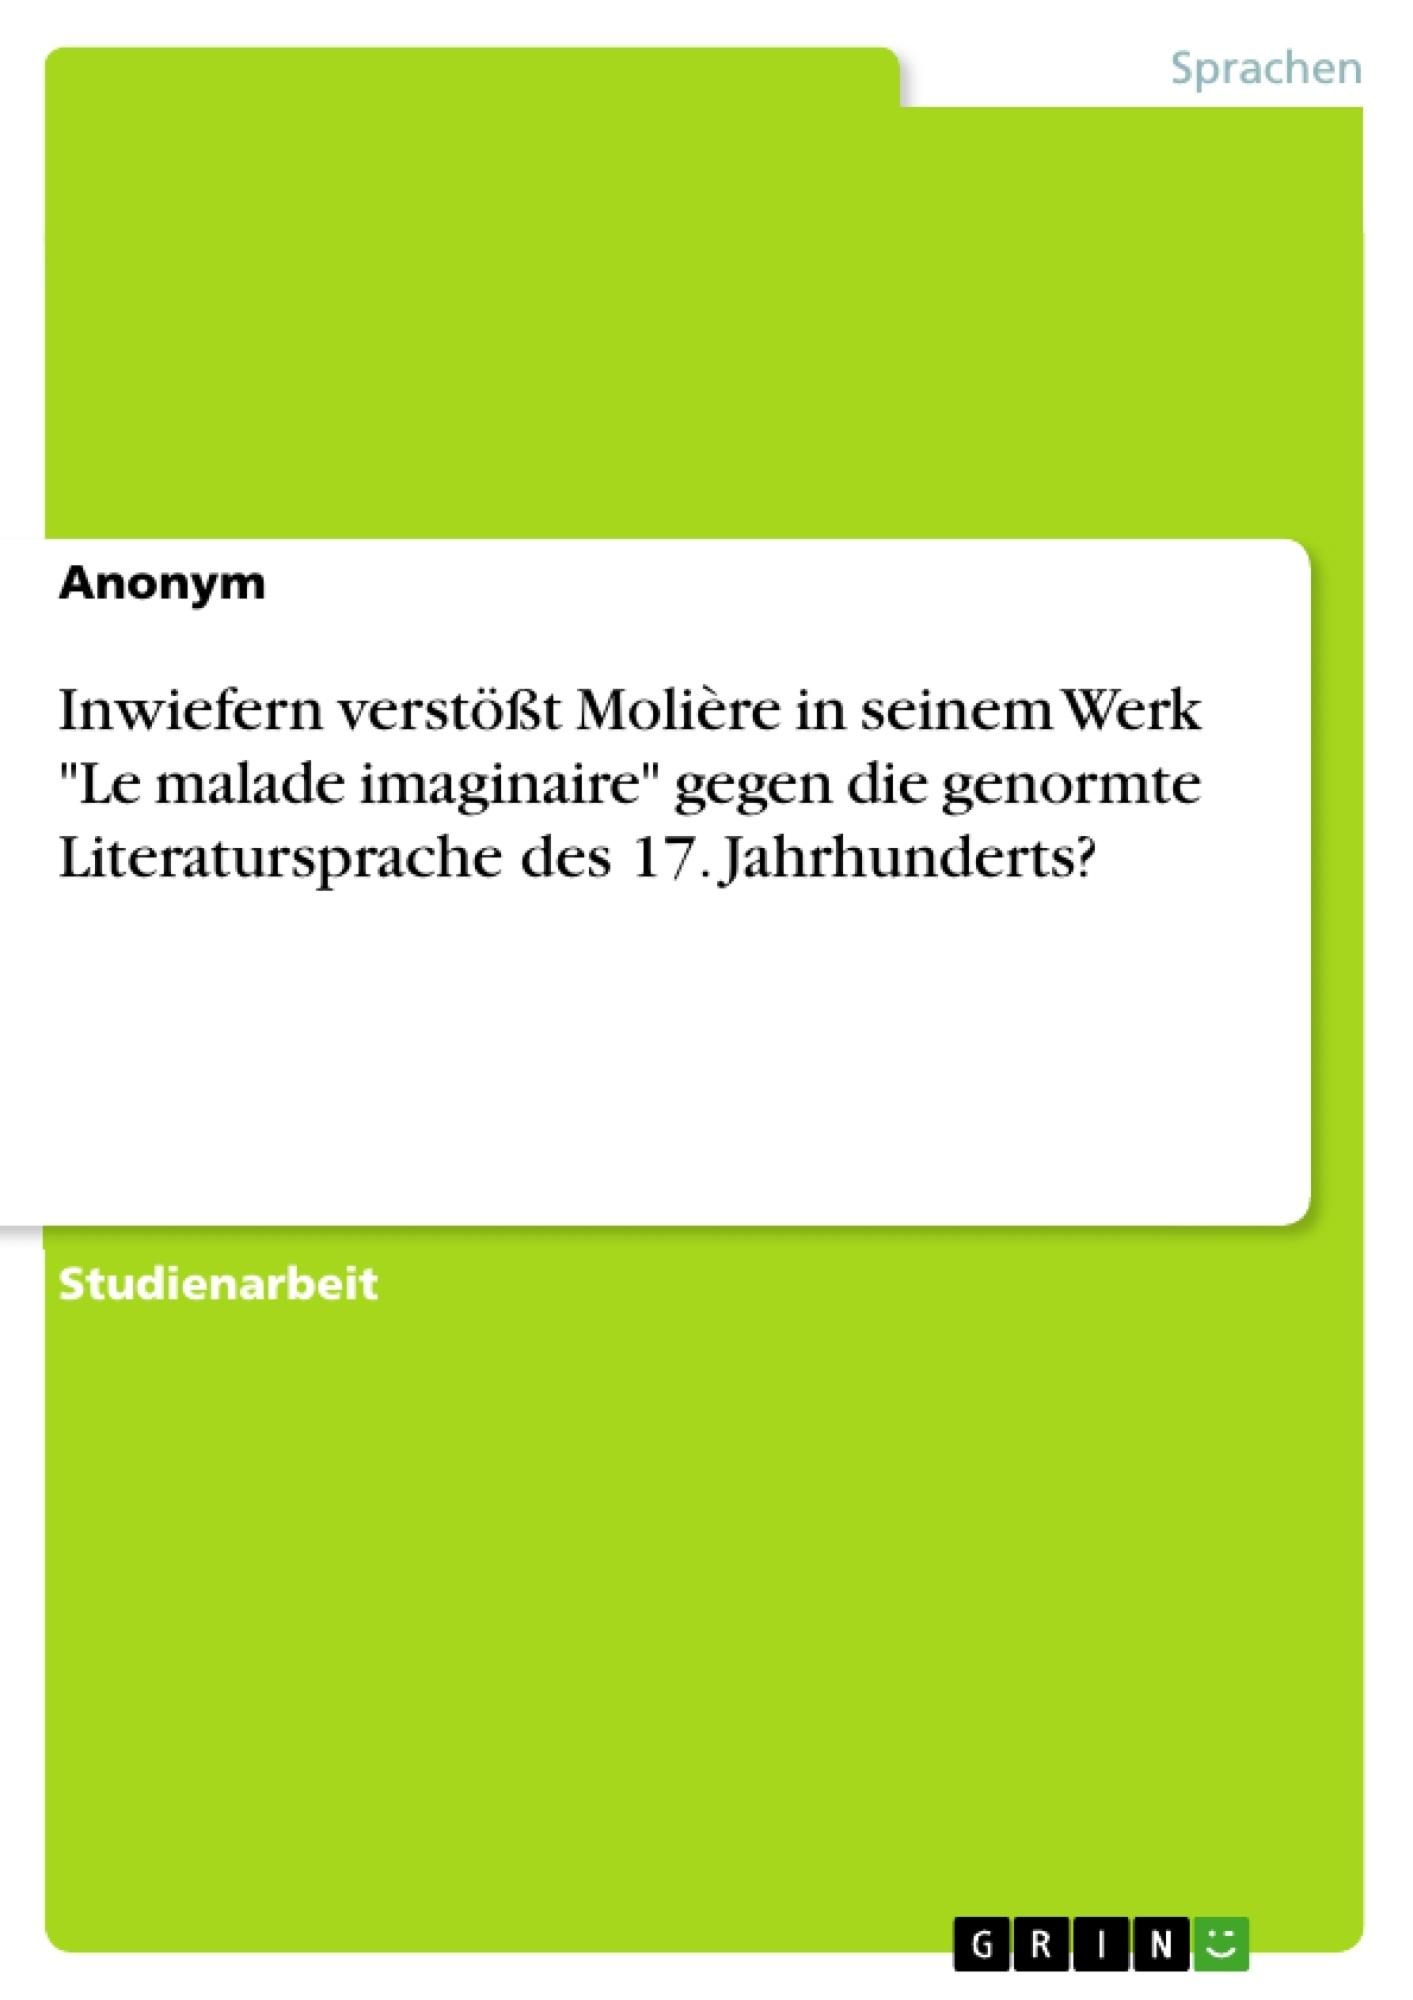 """Titel: Inwiefern verstößt Molière in seinem Werk """"Le malade imaginaire"""" gegen die genormte Literatursprache des 17. Jahrhunderts?"""